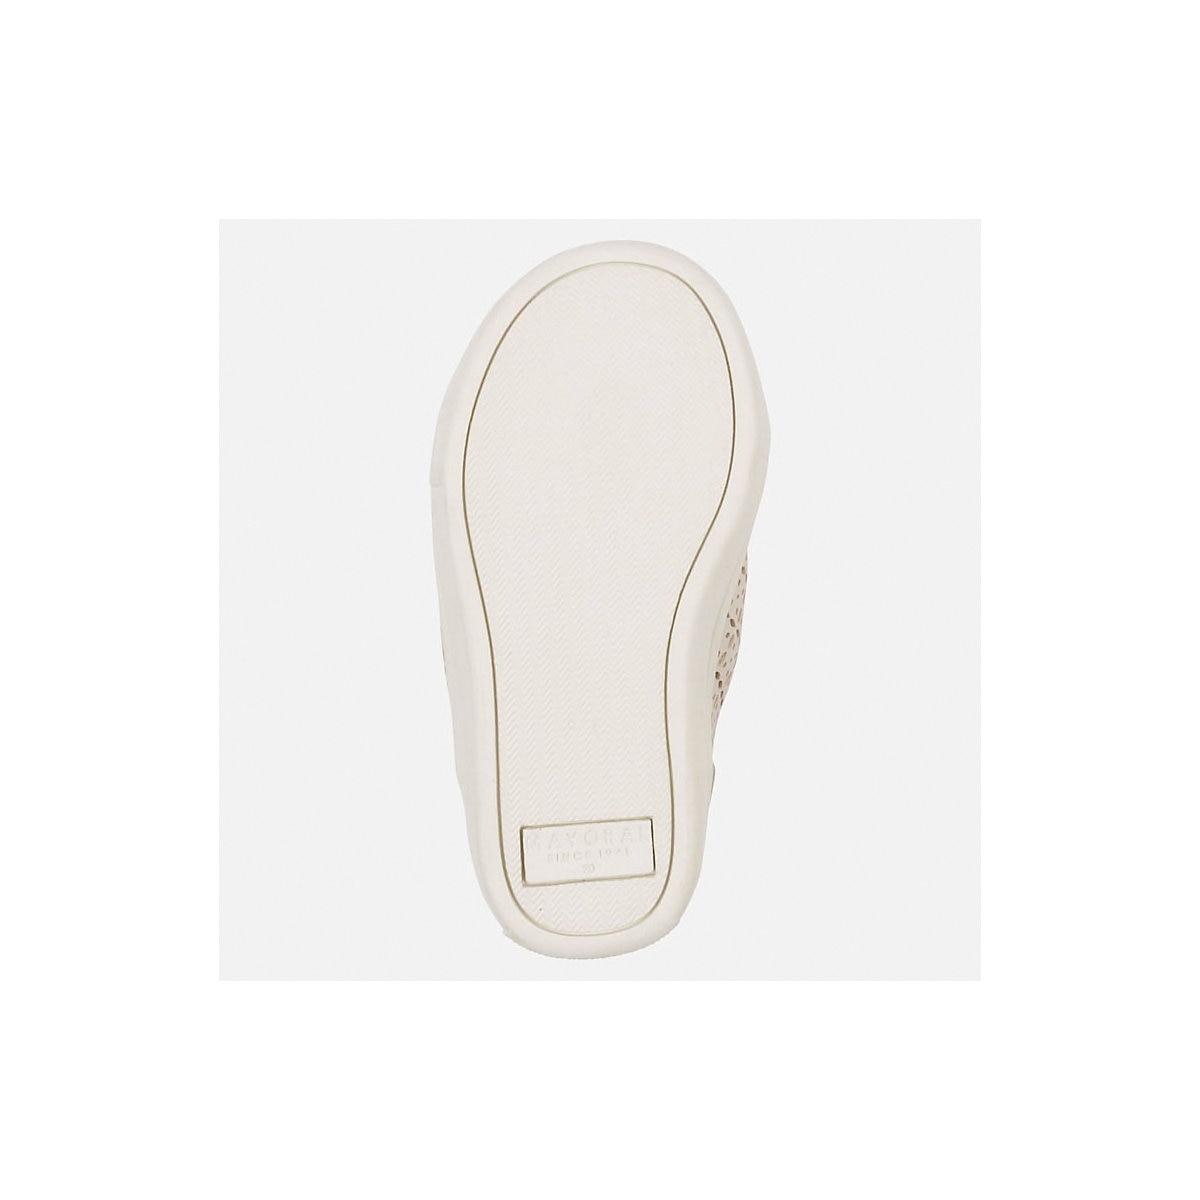 MAYORAL niños zapatos casuales 10642690 zapatillas Zapatillas para correr para niños amarillo deporte chicas PU - 4